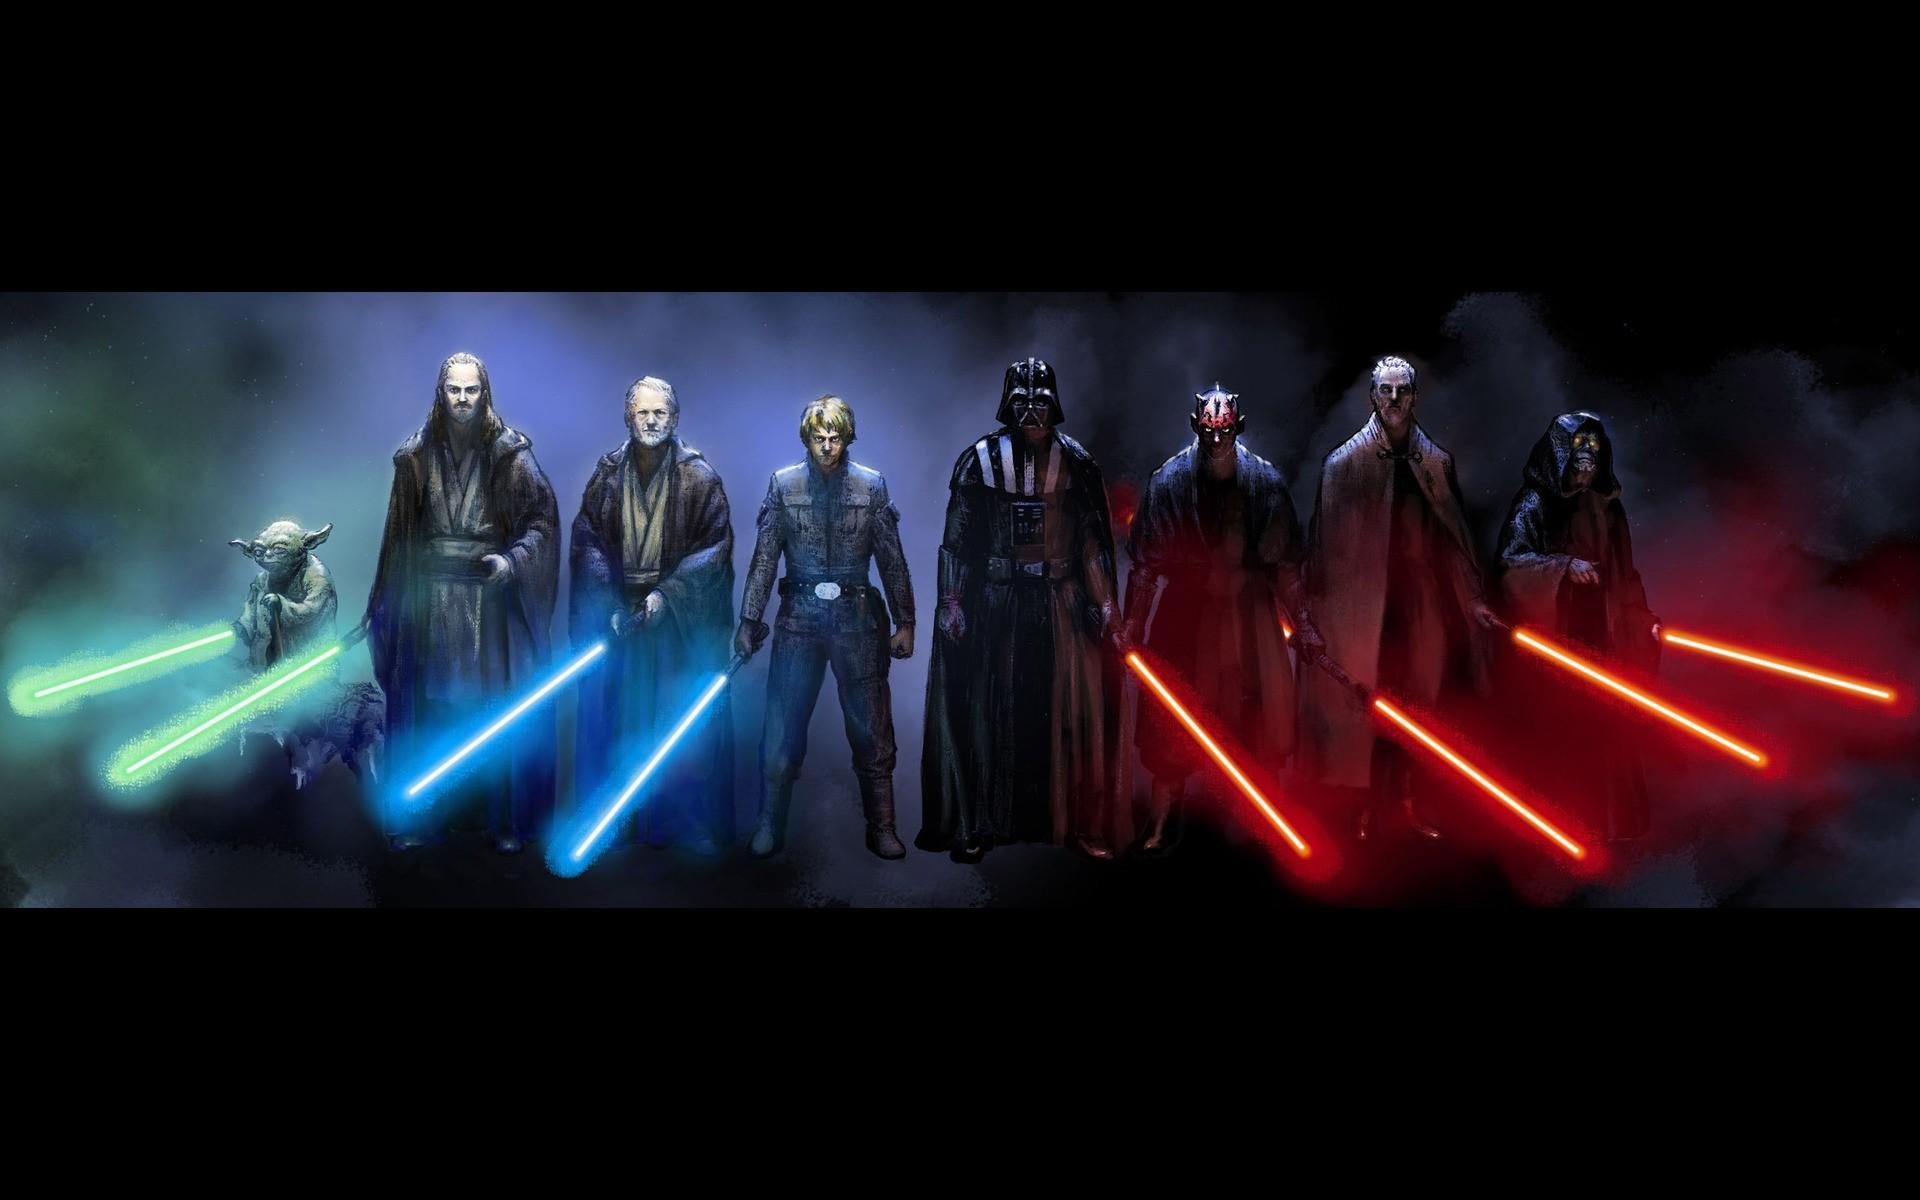 Darth Maul Sidious Yoda Star Wars Qui Gon Jinn